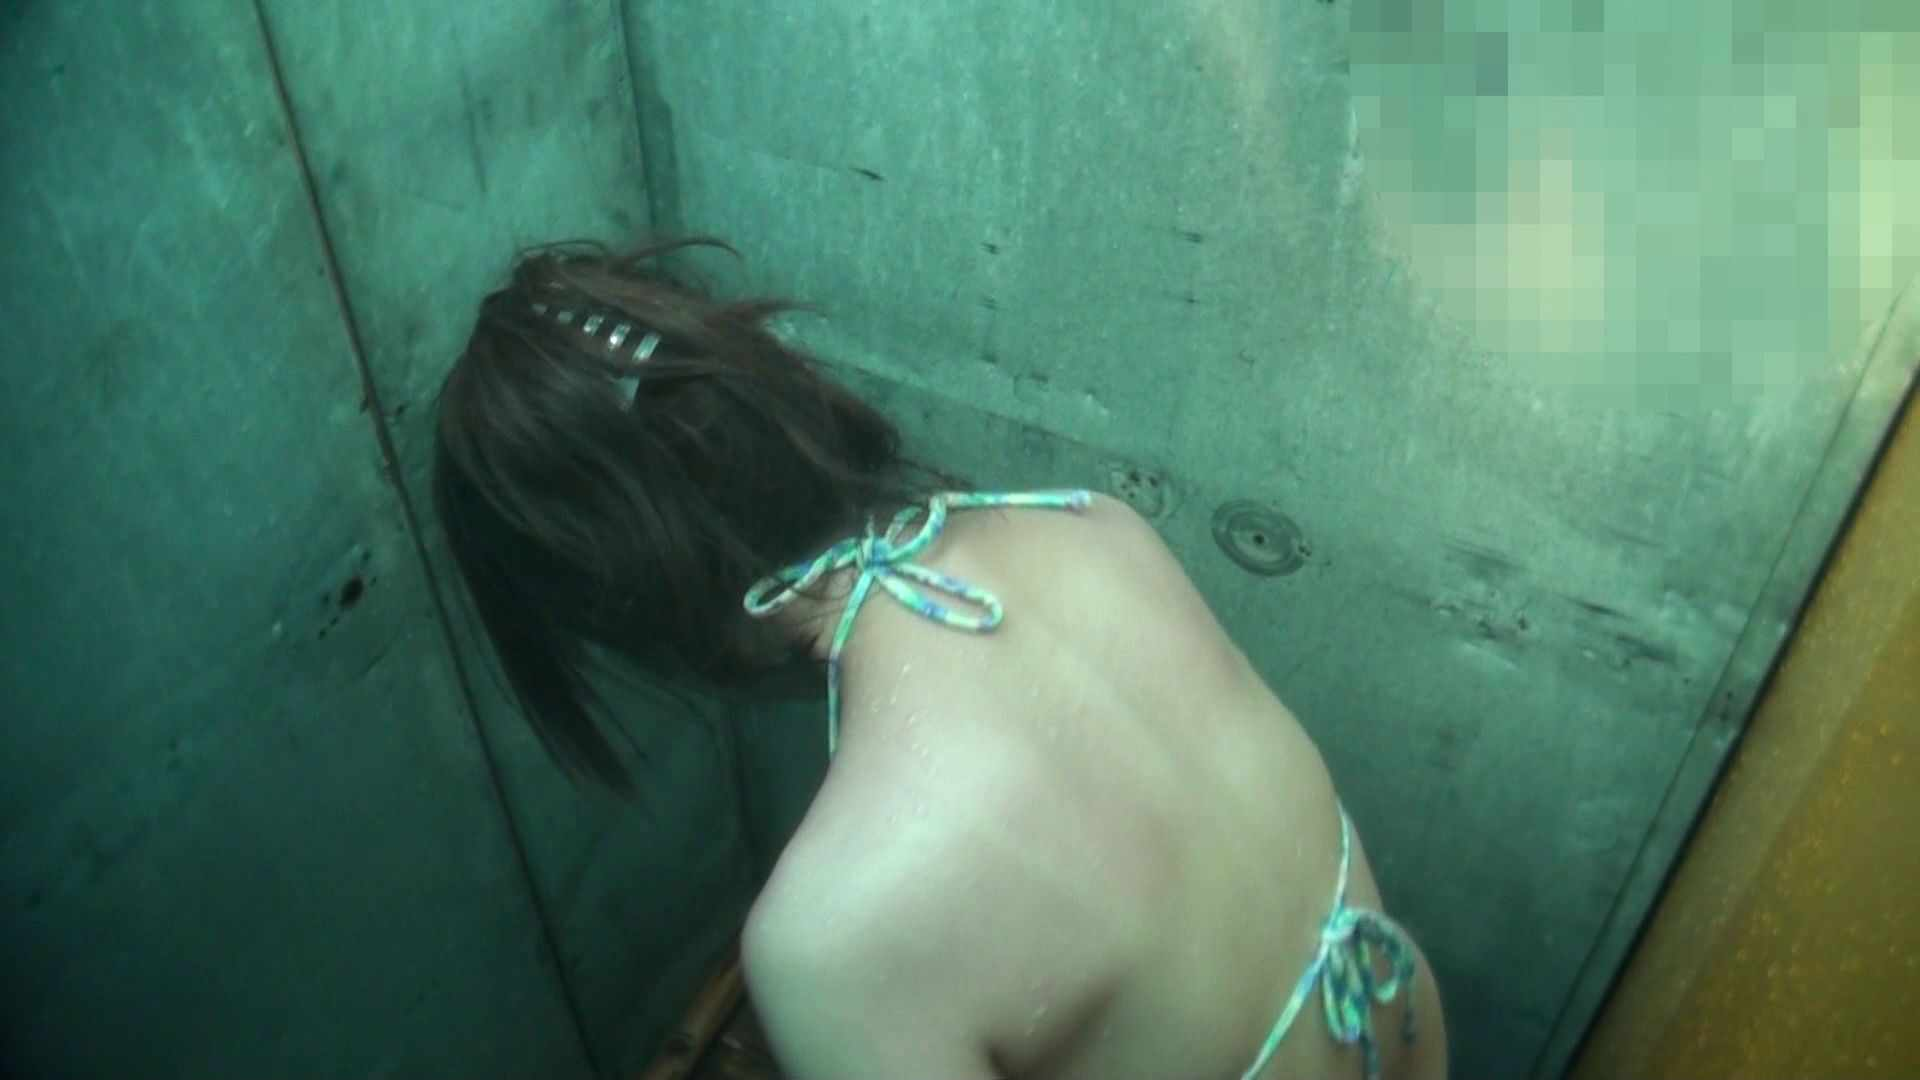 シャワールームは超!!危険な香りVol.15 残念ですが乳首未確認 マンコの砂は入念に 乳首 エロ無料画像 106画像 28